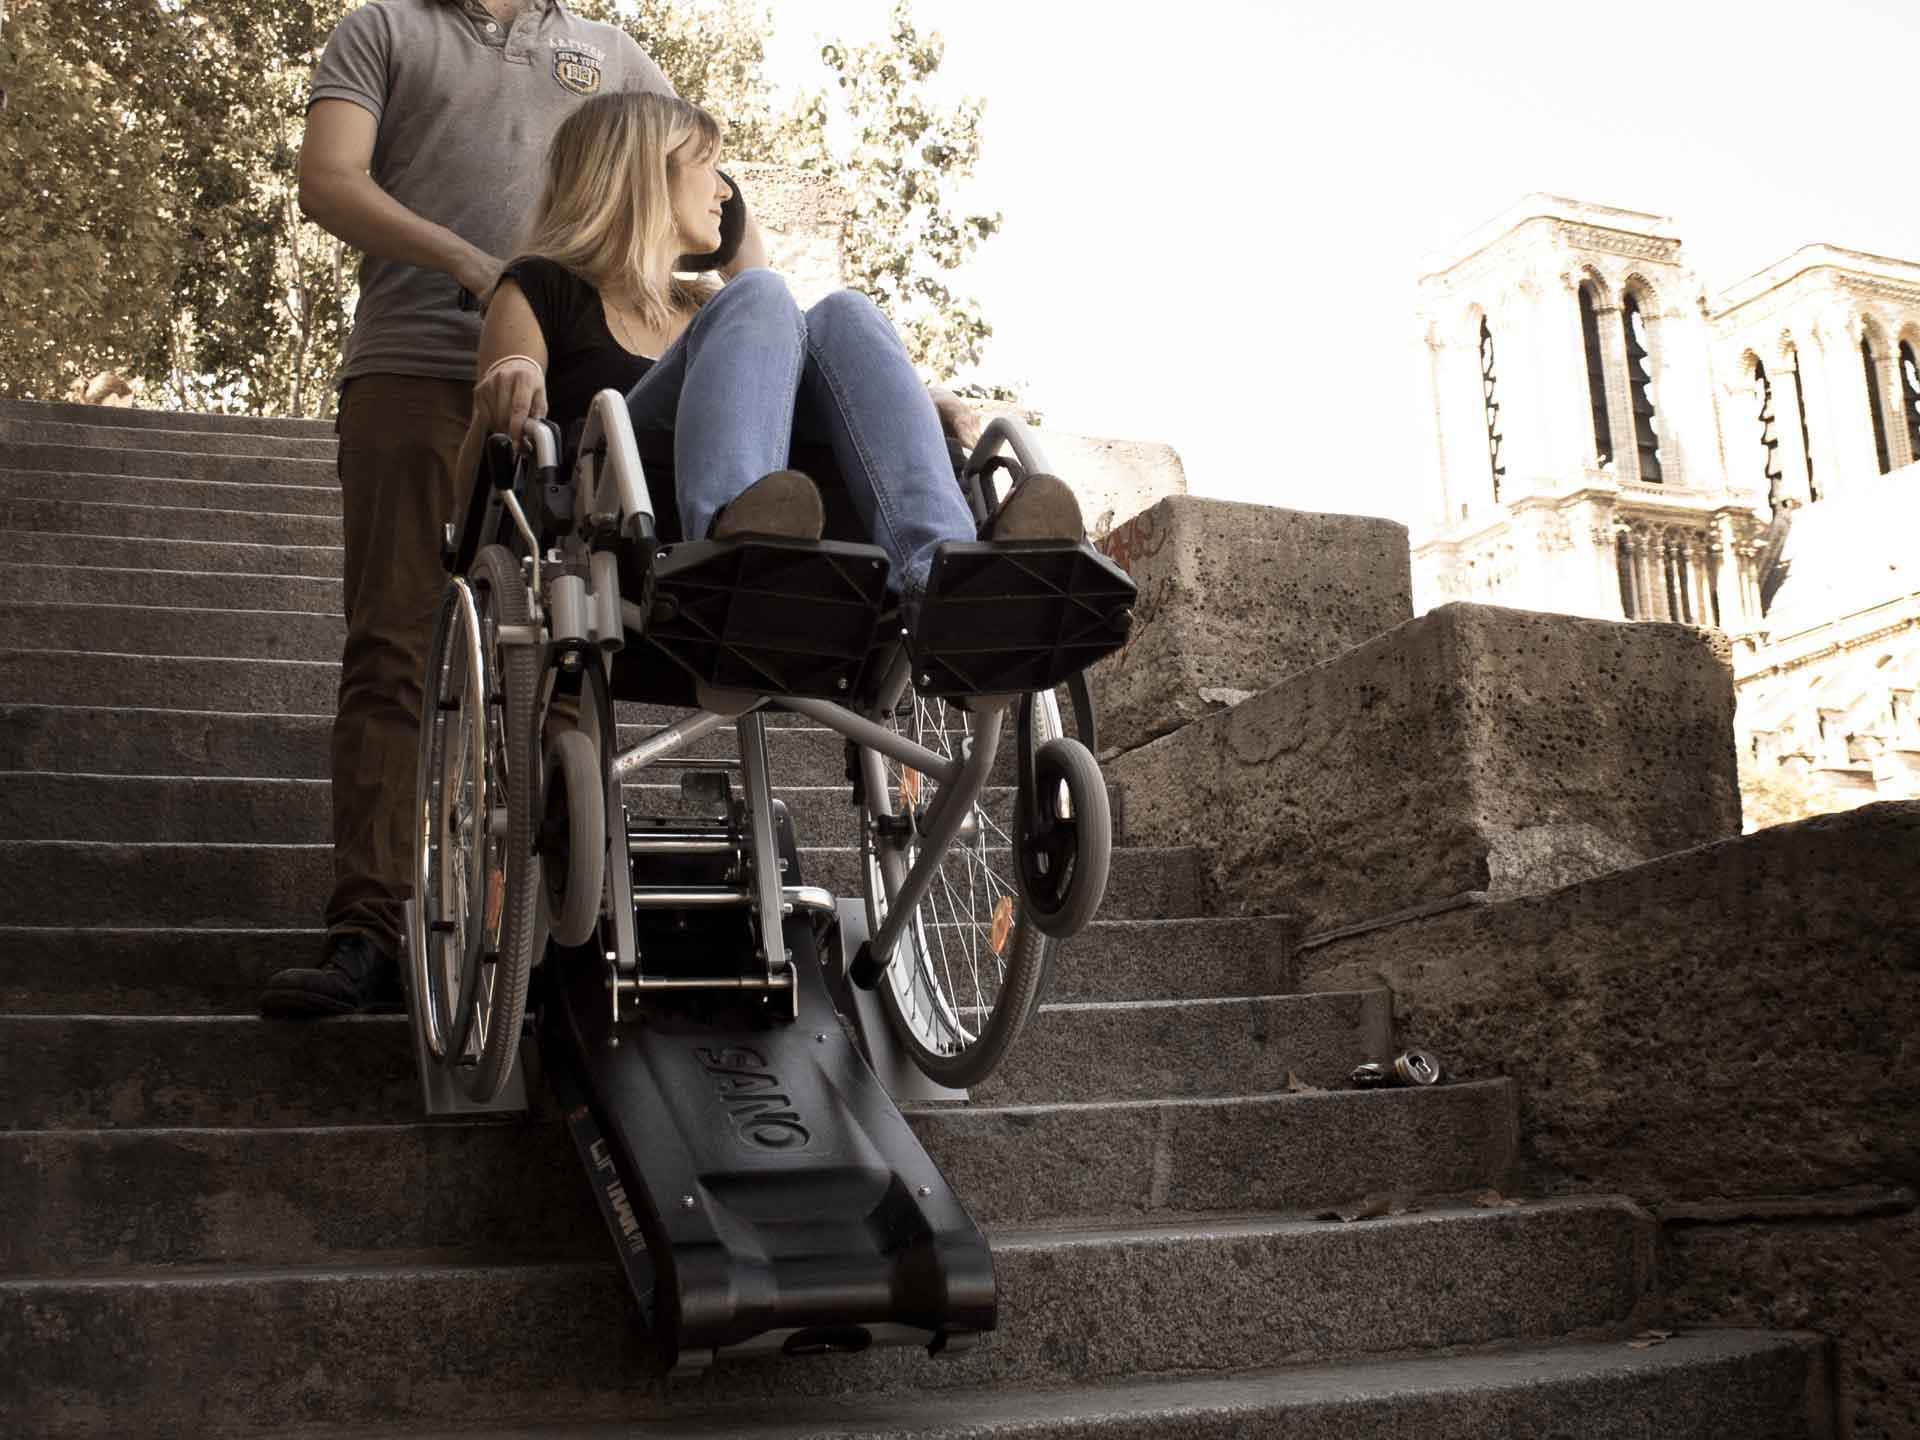 Louer un monte-escaliers à chenillettes pmr